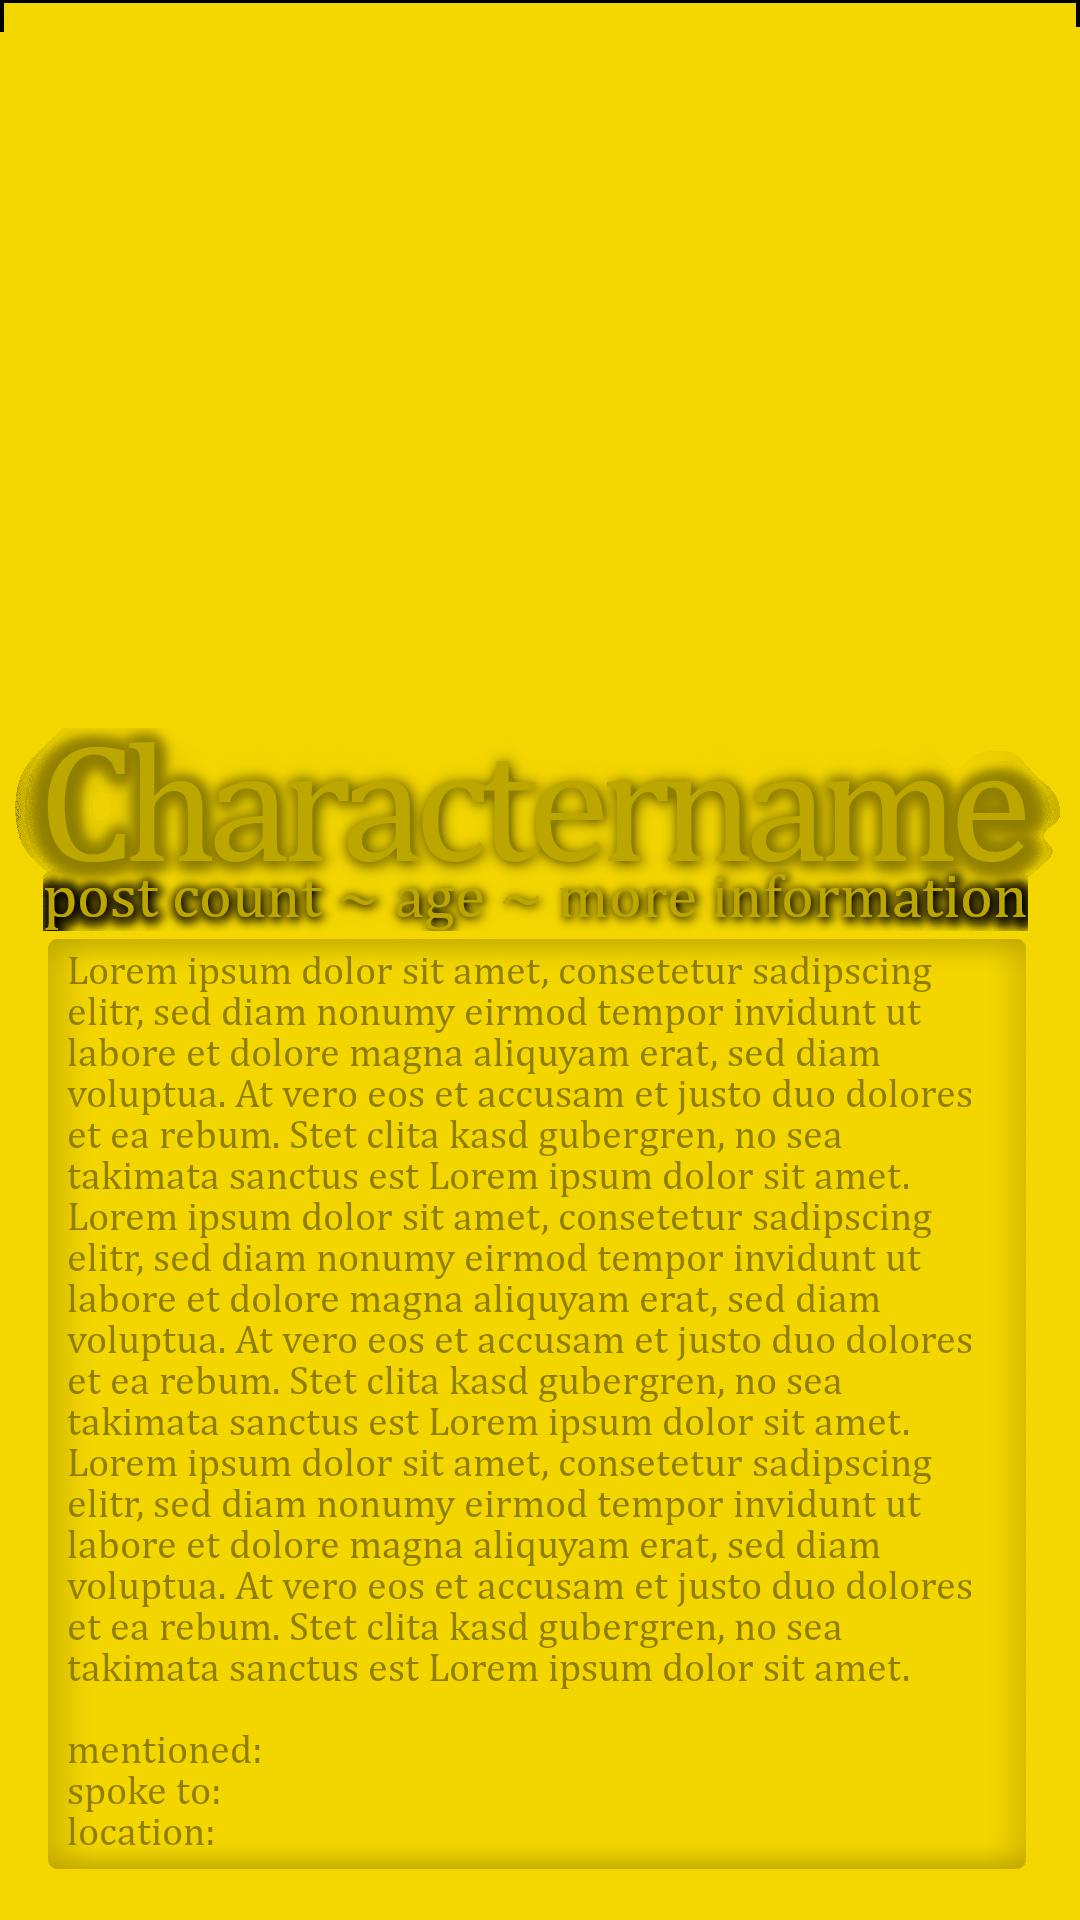 Huevember Zeugs Ddjo9qz-c5fafd65-1f57-4e60-9739-e5a405c2ce62.png?token=eyJ0eXAiOiJKV1QiLCJhbGciOiJIUzI1NiJ9.eyJzdWIiOiJ1cm46YXBwOjdlMGQxODg5ODIyNjQzNzNhNWYwZDQxNWVhMGQyNmUwIiwiaXNzIjoidXJuOmFwcDo3ZTBkMTg4OTgyMjY0MzczYTVmMGQ0MTVlYTBkMjZlMCIsIm9iaiI6W1t7InBhdGgiOiJcL2ZcL2RmMjJkZjRjLWZlMTktNGZkZS04MTA0LTVkOTc3MGUzODRmMlwvZGRqbzlxei1jNWZhZmQ2NS0xZjU3LTRlNjAtOTczOS1lNWE0MDVjMmNlNjIucG5nIn1dXSwiYXVkIjpbInVybjpzZXJ2aWNlOmZpbGUuZG93bmxvYWQiXX0